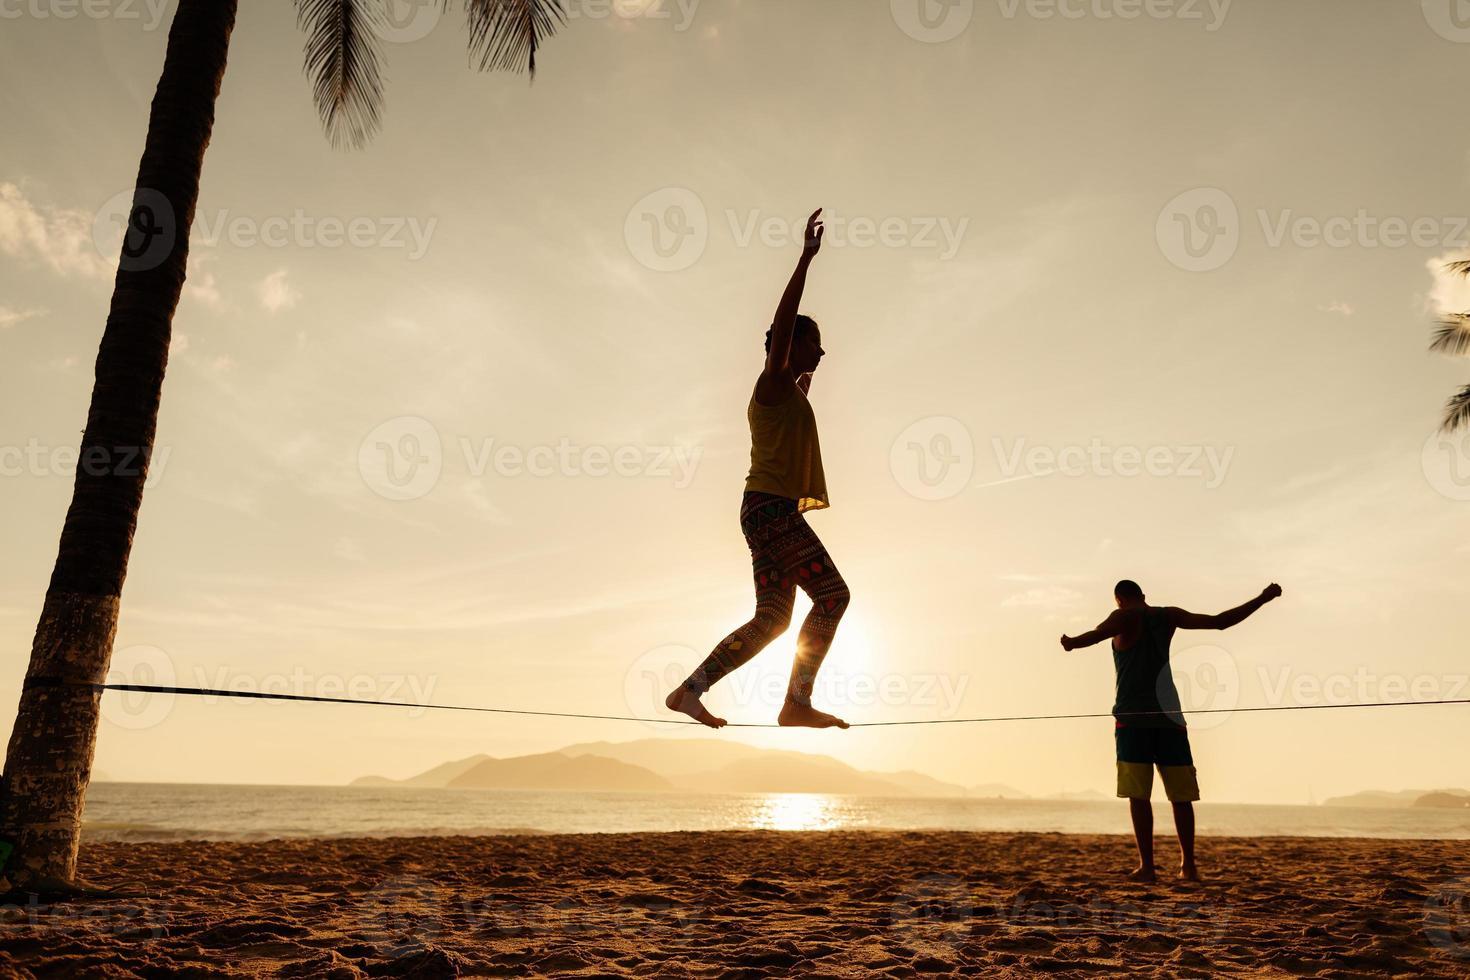 tieners balanceren op slackline silhouet foto